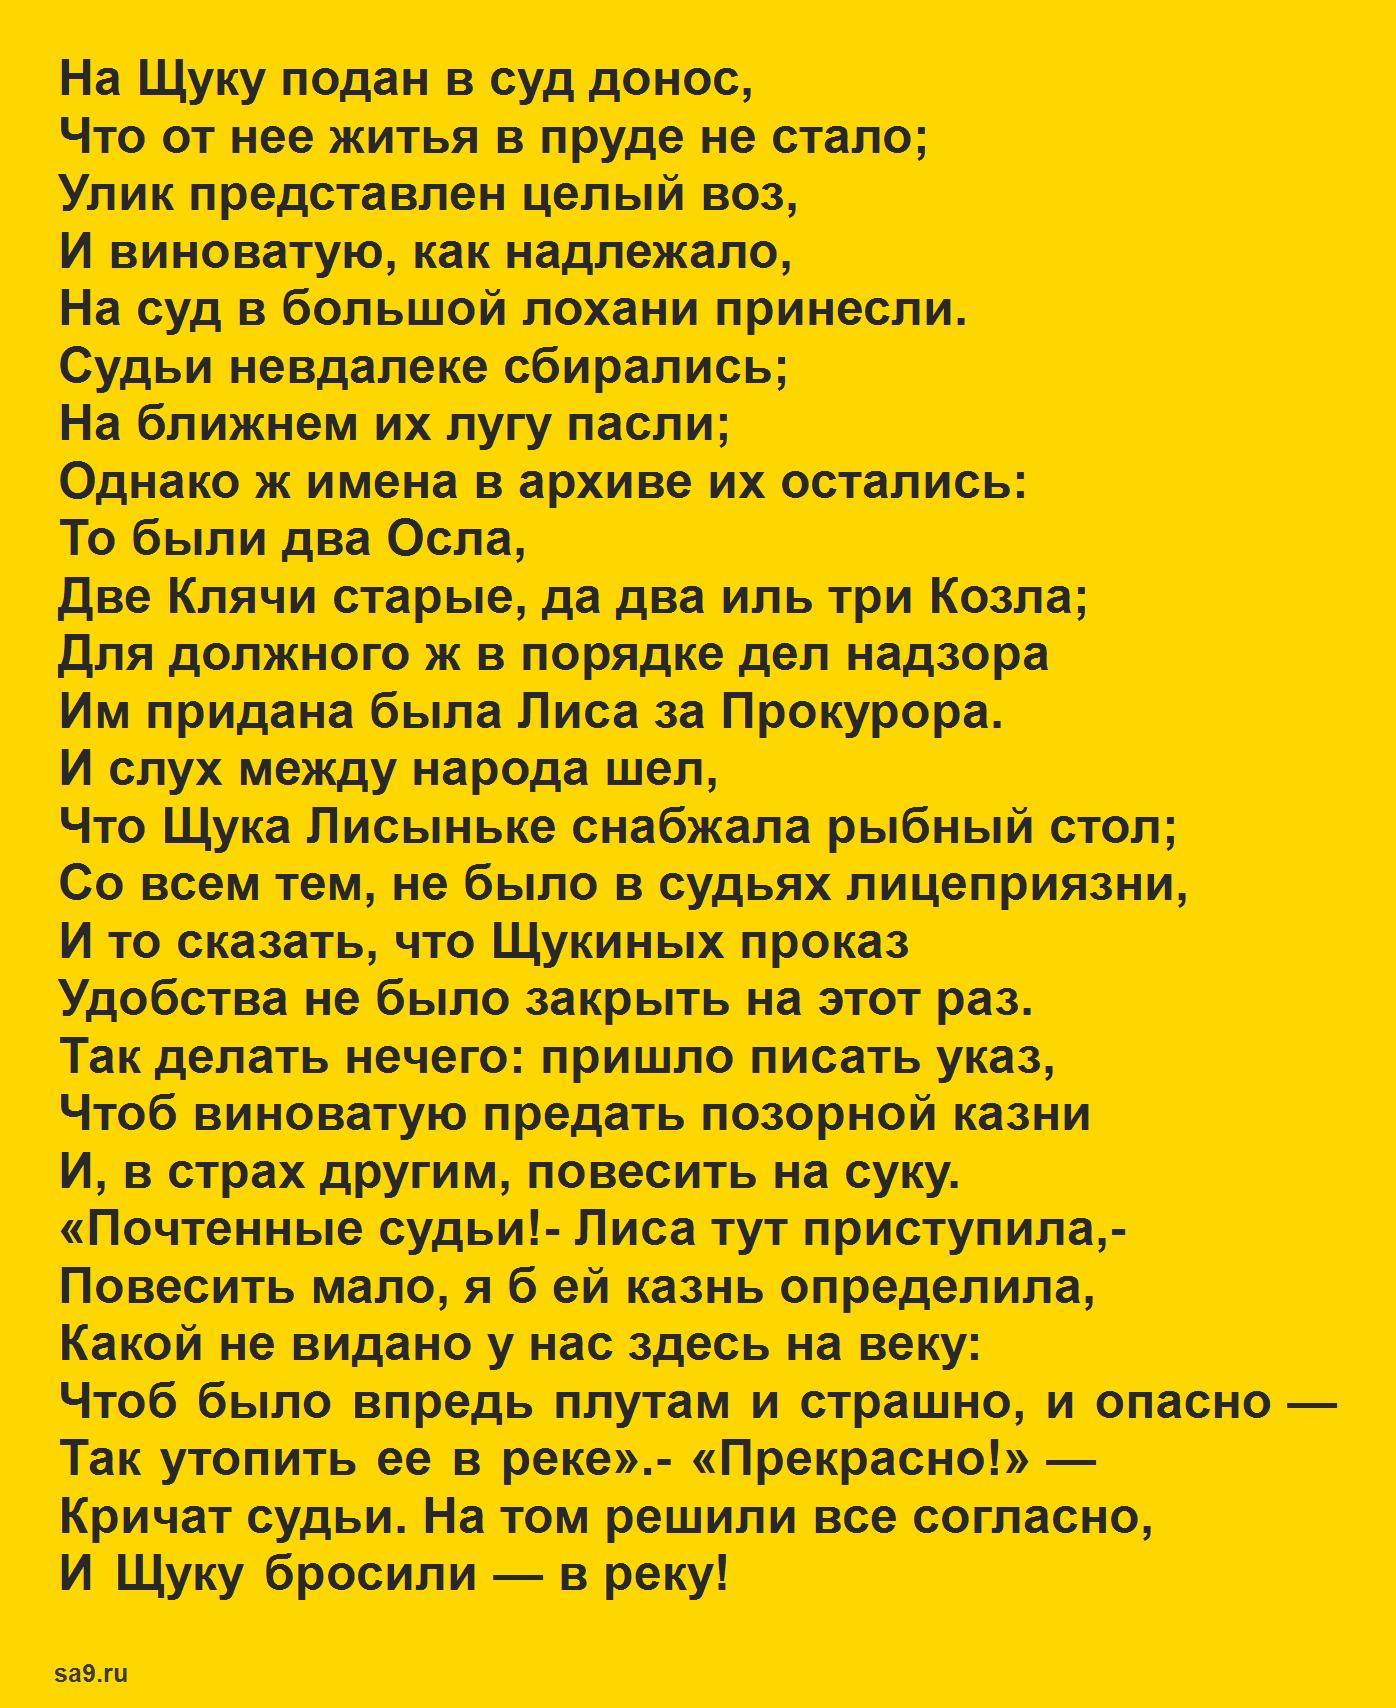 Басня Крылова 'Щука', текст басни читать полностью